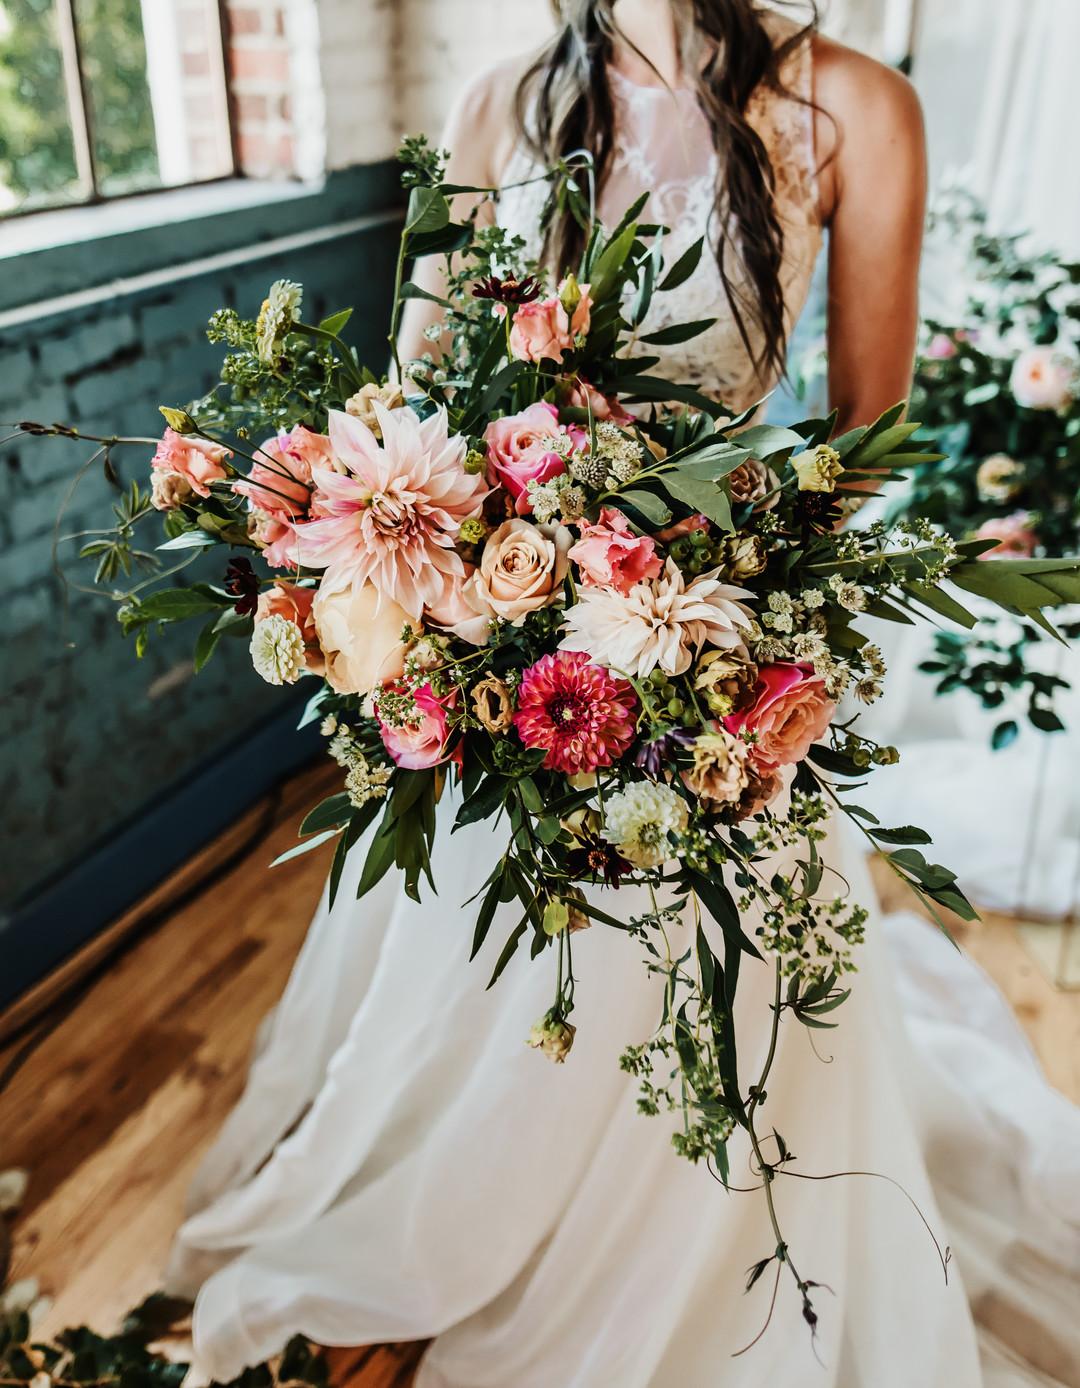 bröllop+industriellt+boho+bukett